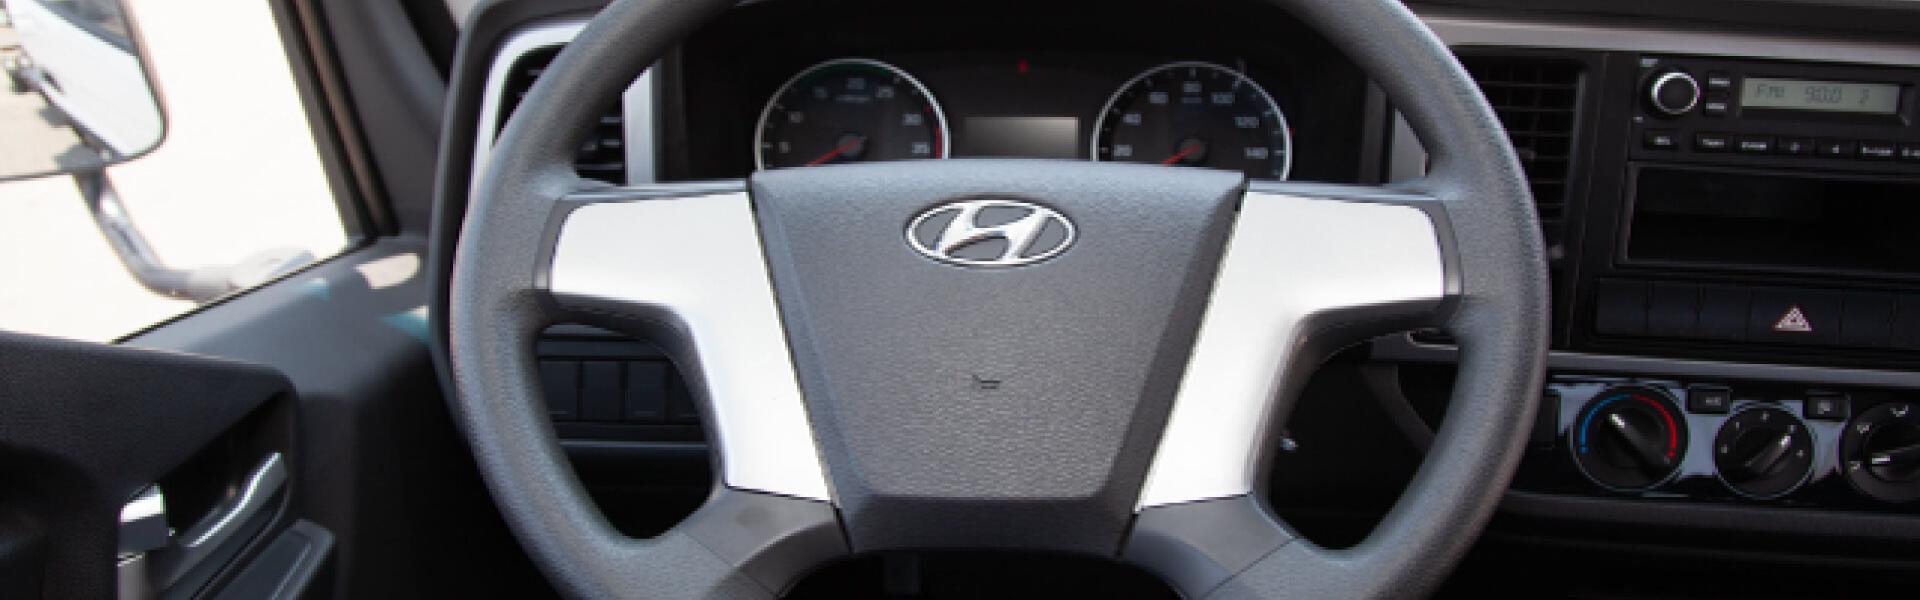 ex6-interior-header